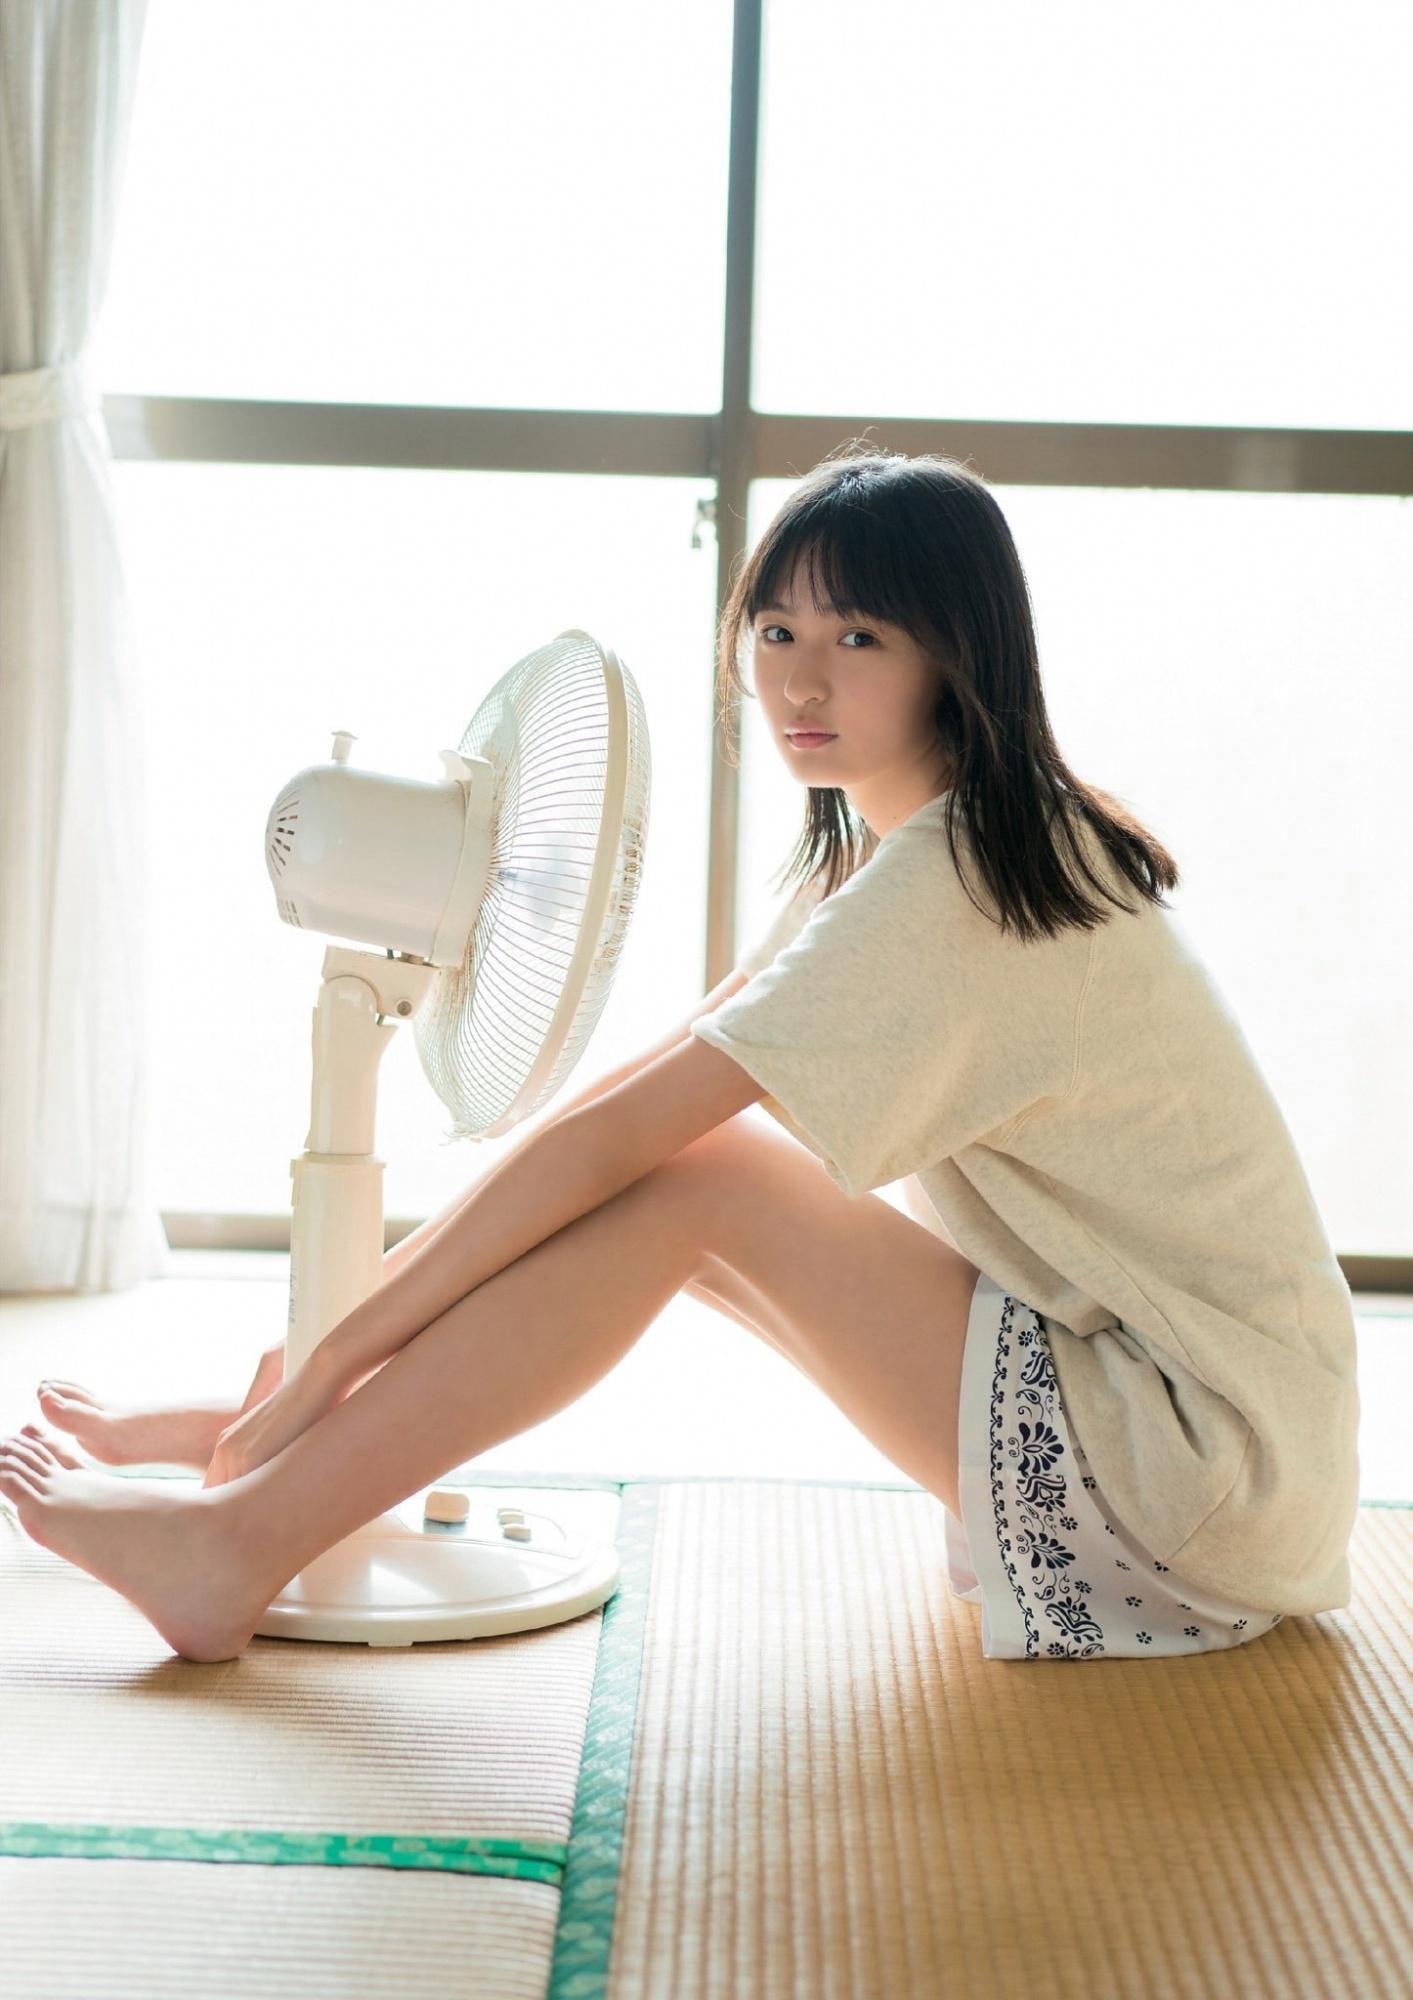 乃木坂46偶像远藤さくら开朗笑颜散发纯真气息 网络美女 第11张